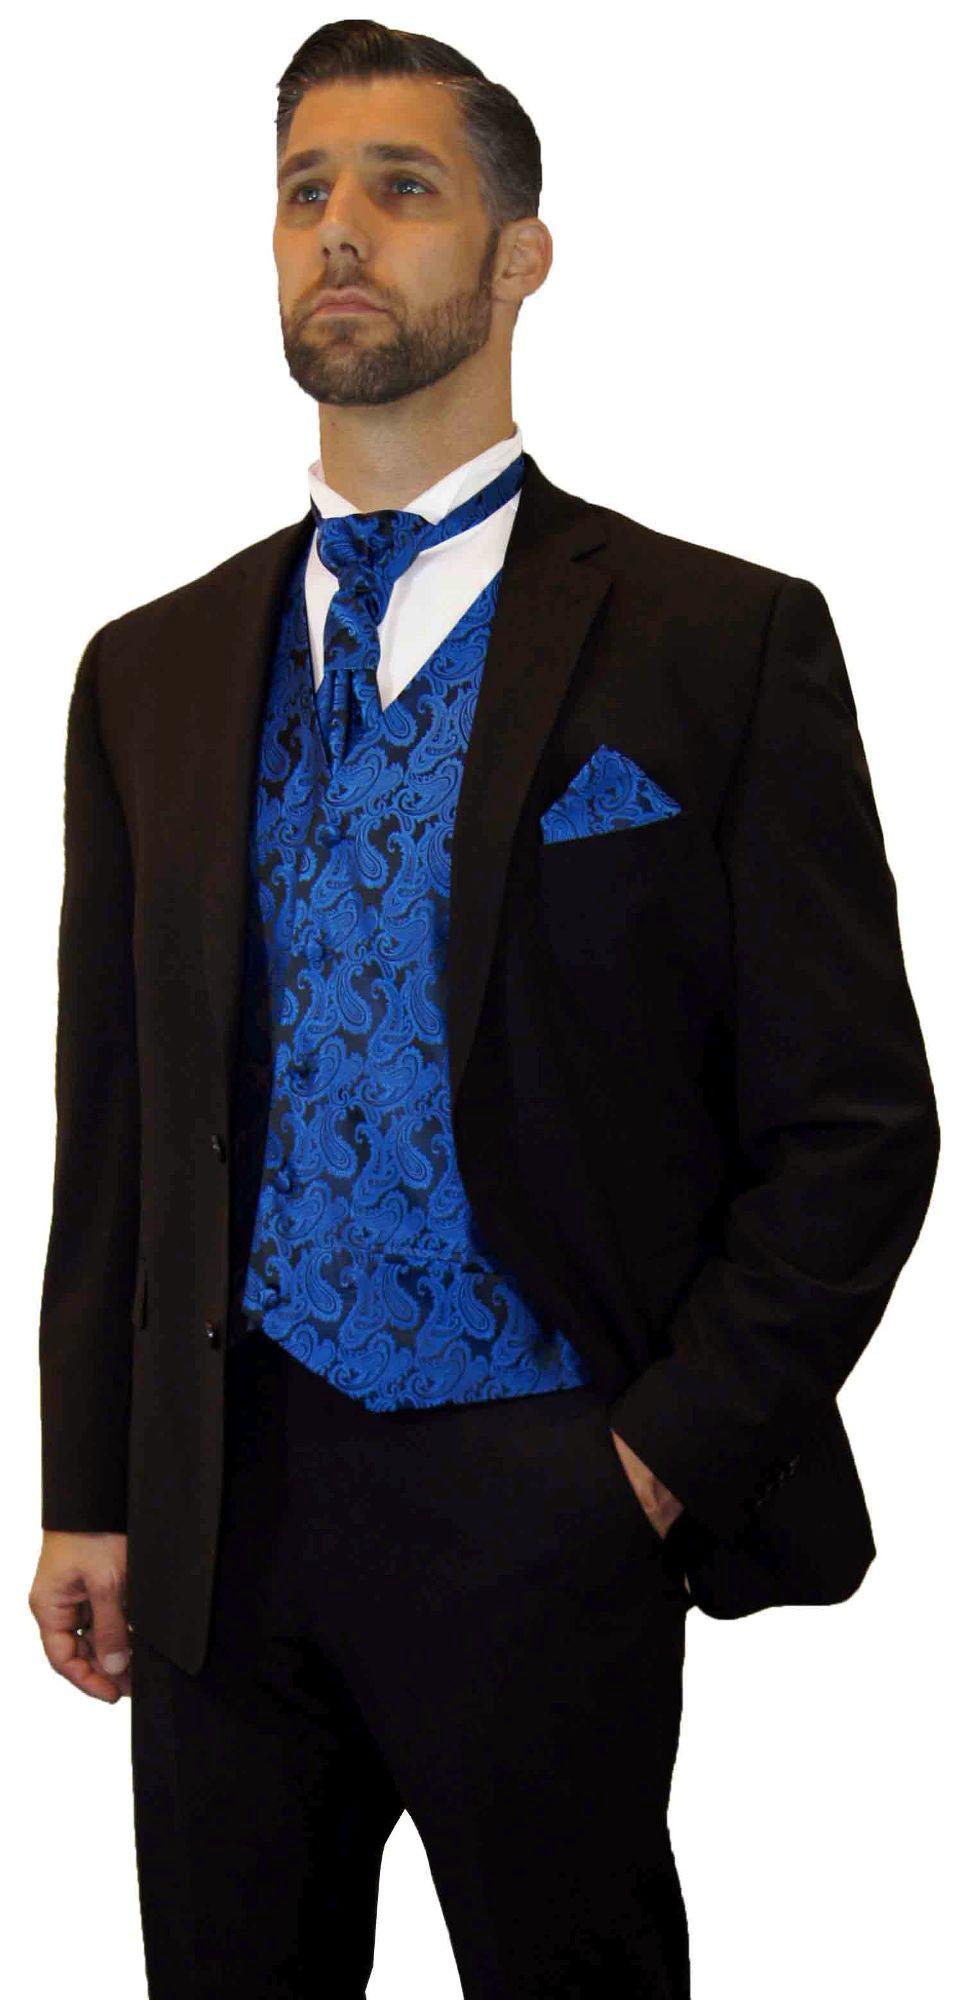 hochzeitsanzug braun modern hochzeitsweste blau paisley paul malone shop. Black Bedroom Furniture Sets. Home Design Ideas